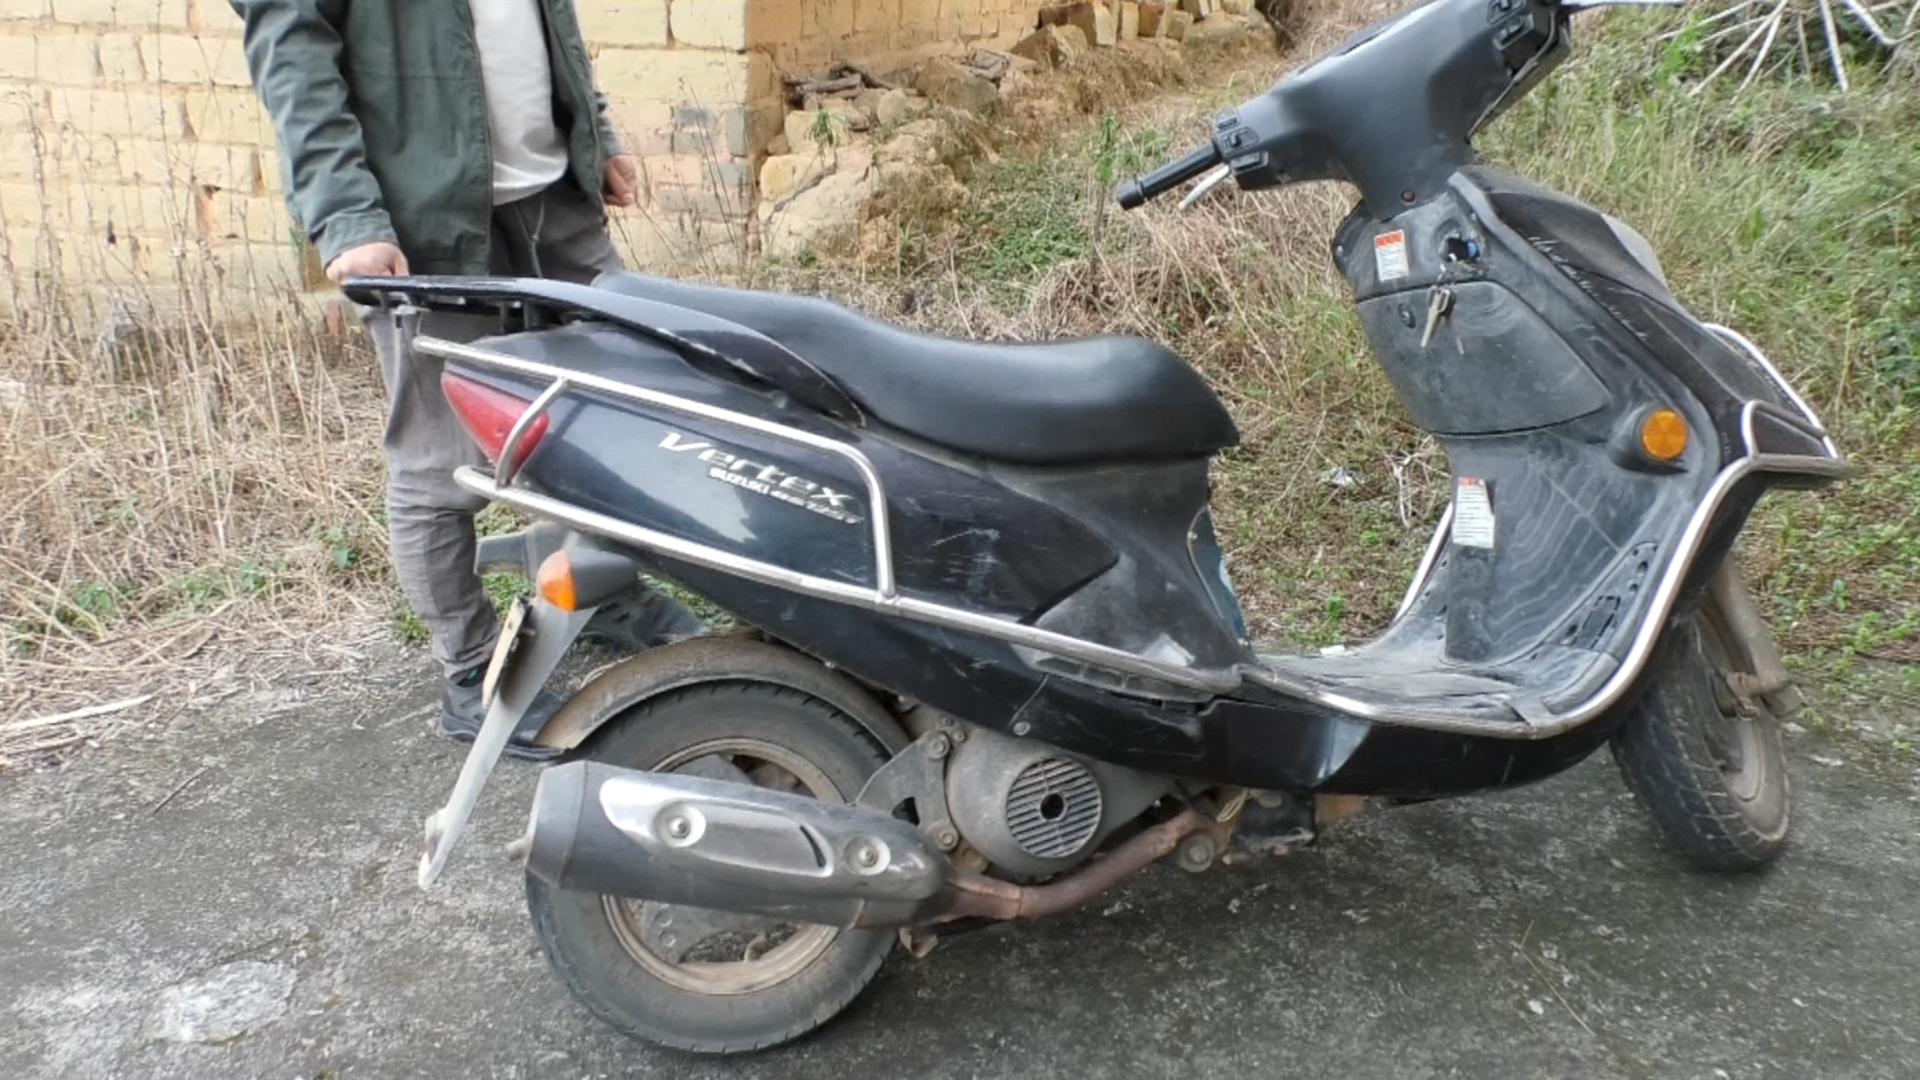 农村小伙花150元买一辆摩托车,维修花了500元,到底值不值